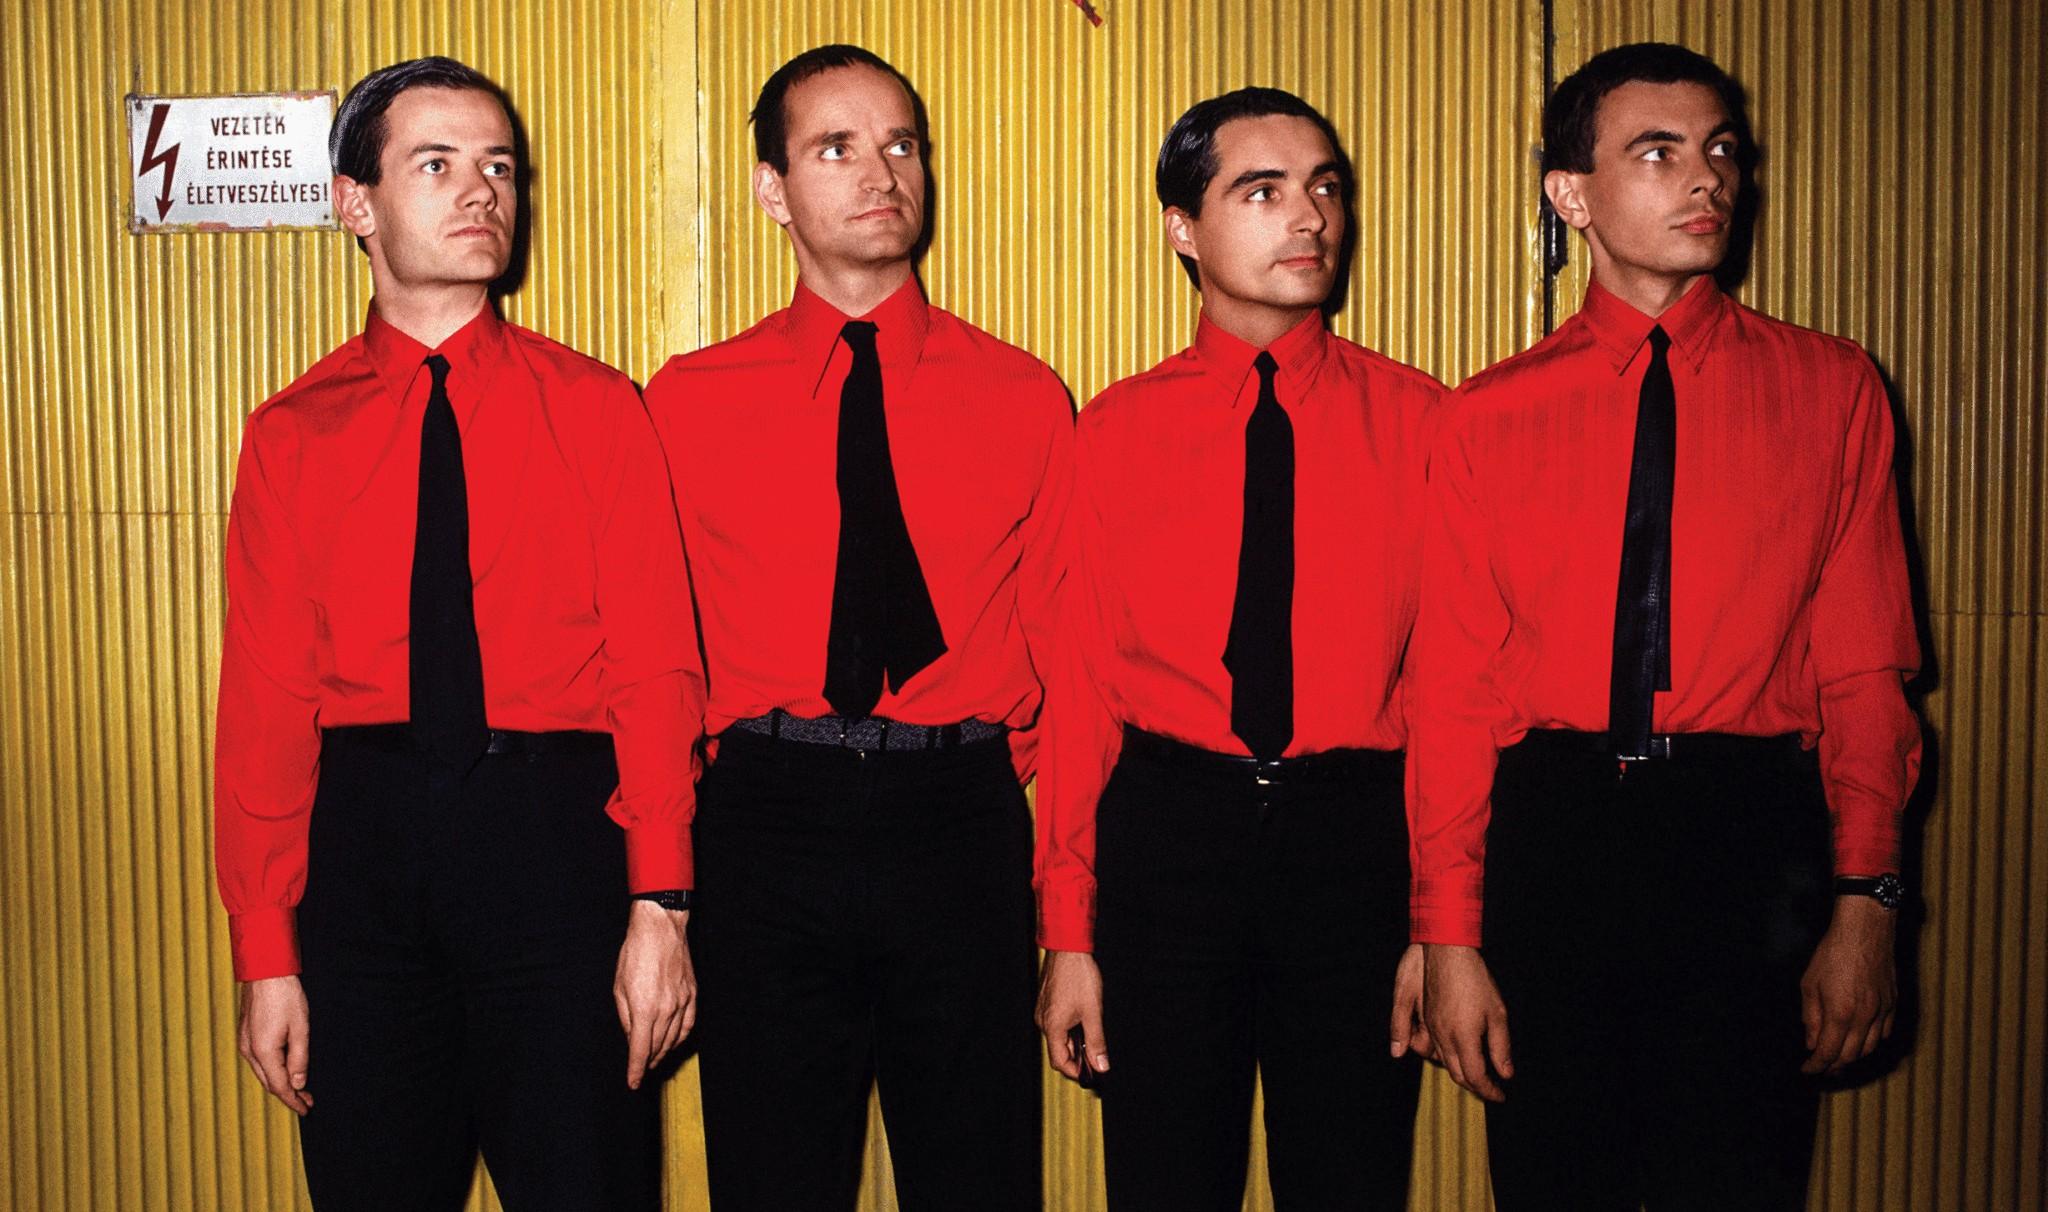 Muere Florian Schneider, uno de los fundadores del grupo alemán Kraftwerk